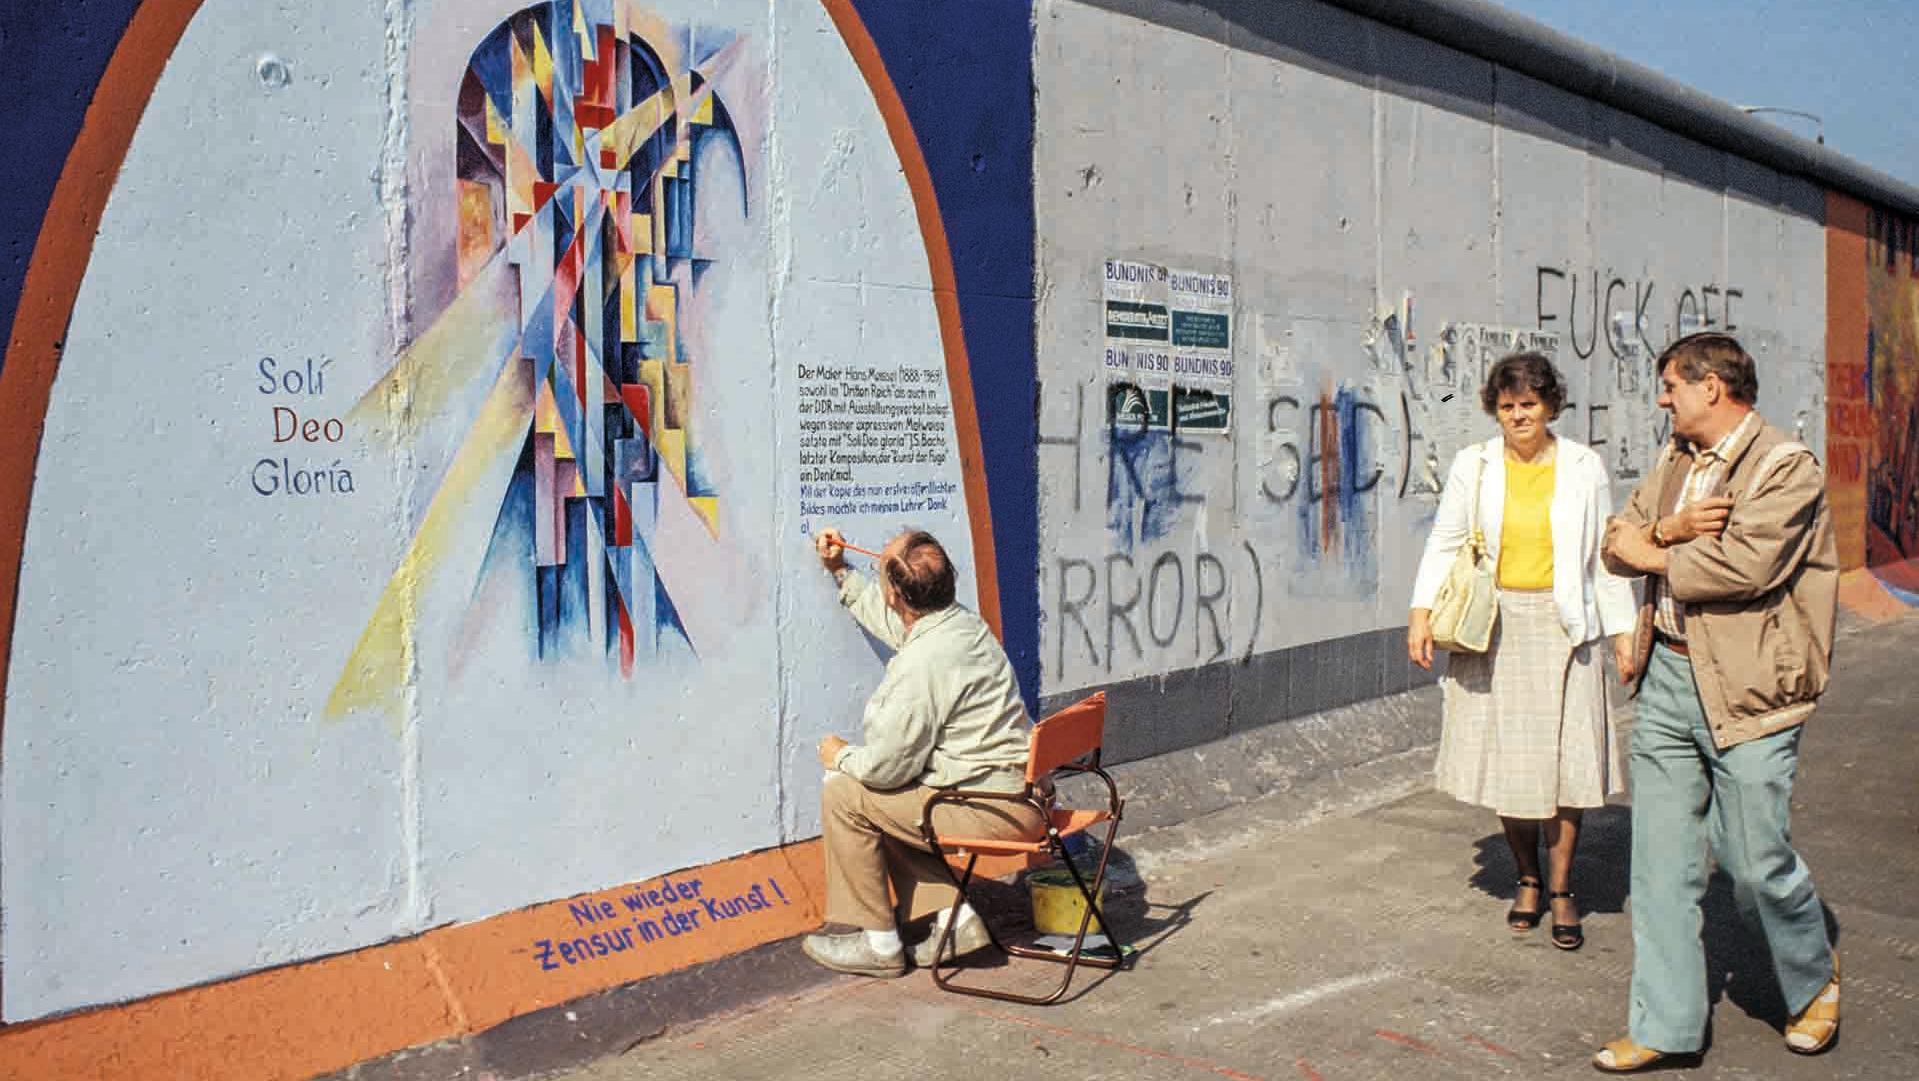 """Ein älterer Herr bemalt die Mauer und schreibt etwas an die Mauer, darunter """"Nie wieder Zensur in der Kunst!"""""""